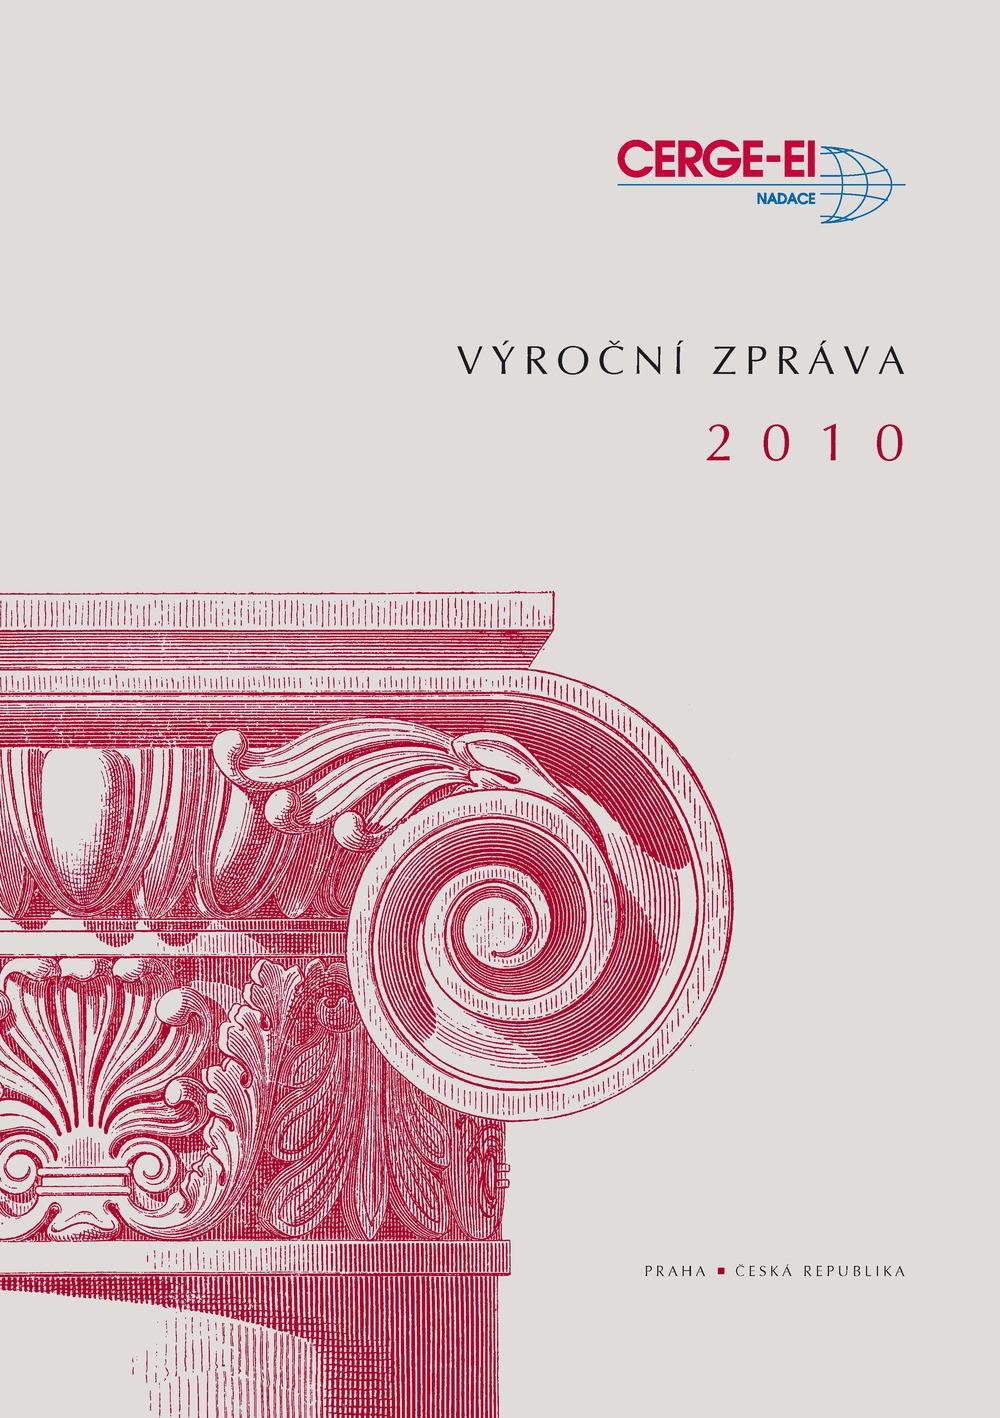 Vyrocni_zprava2010.jpg